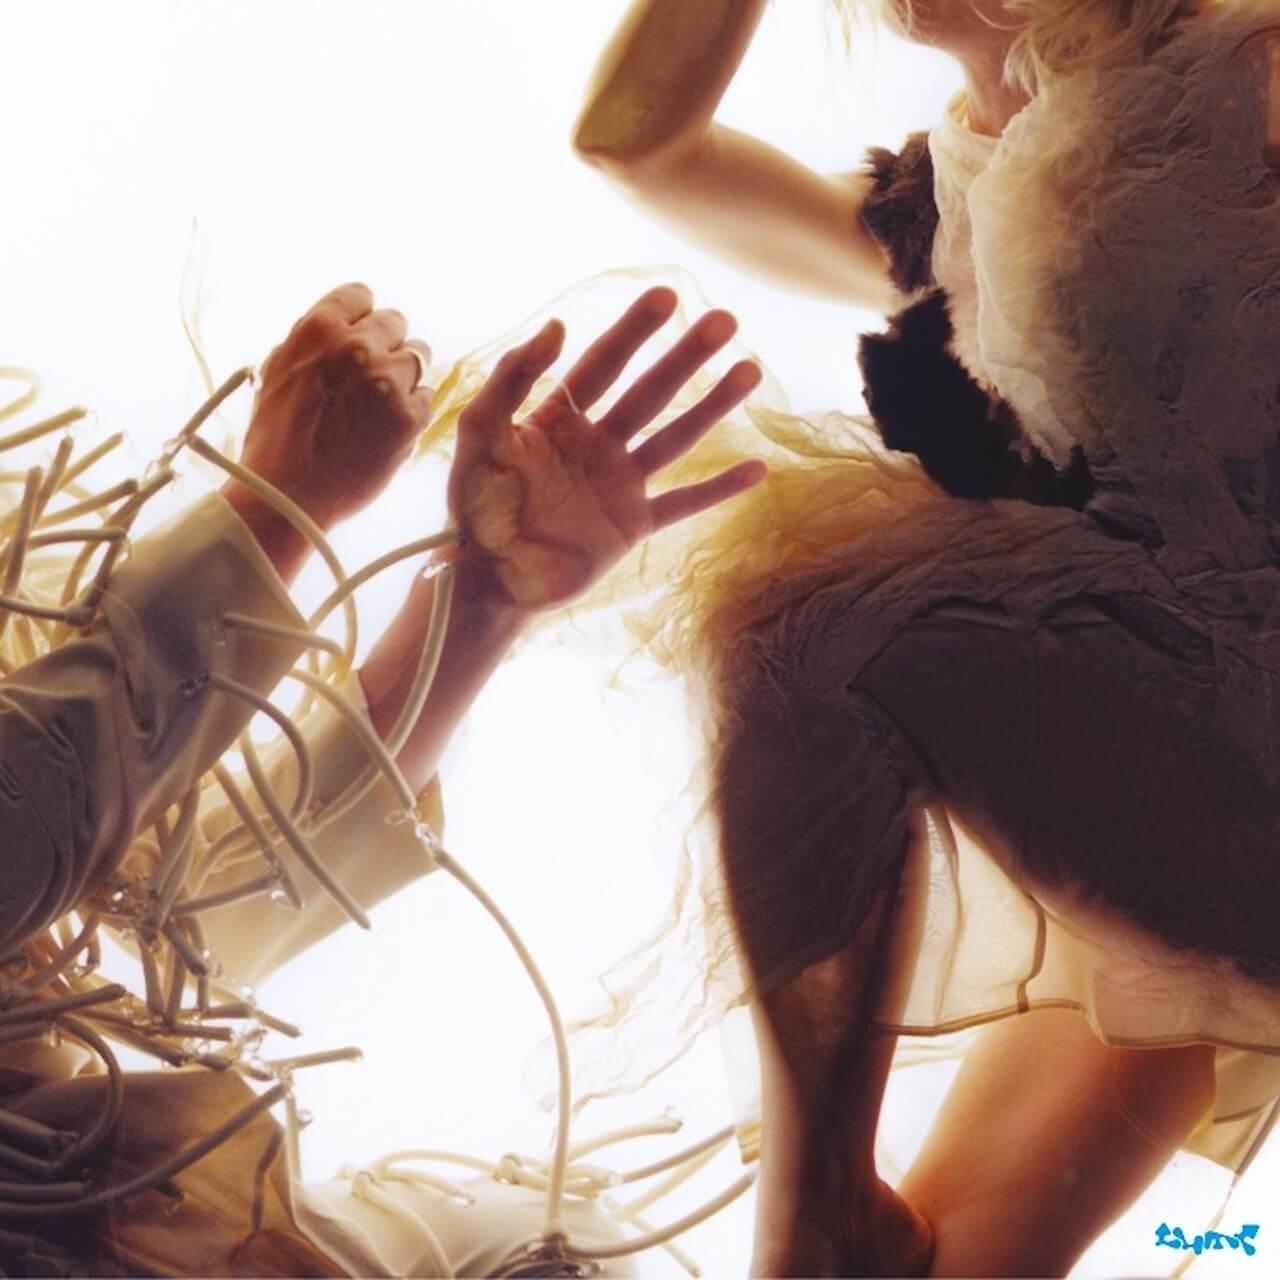 ローラ・マーリングとマイク・リンゼイによるLUMPの2ndアルバム『ANIMAL』が7月30日にリリース music210729-lump-1